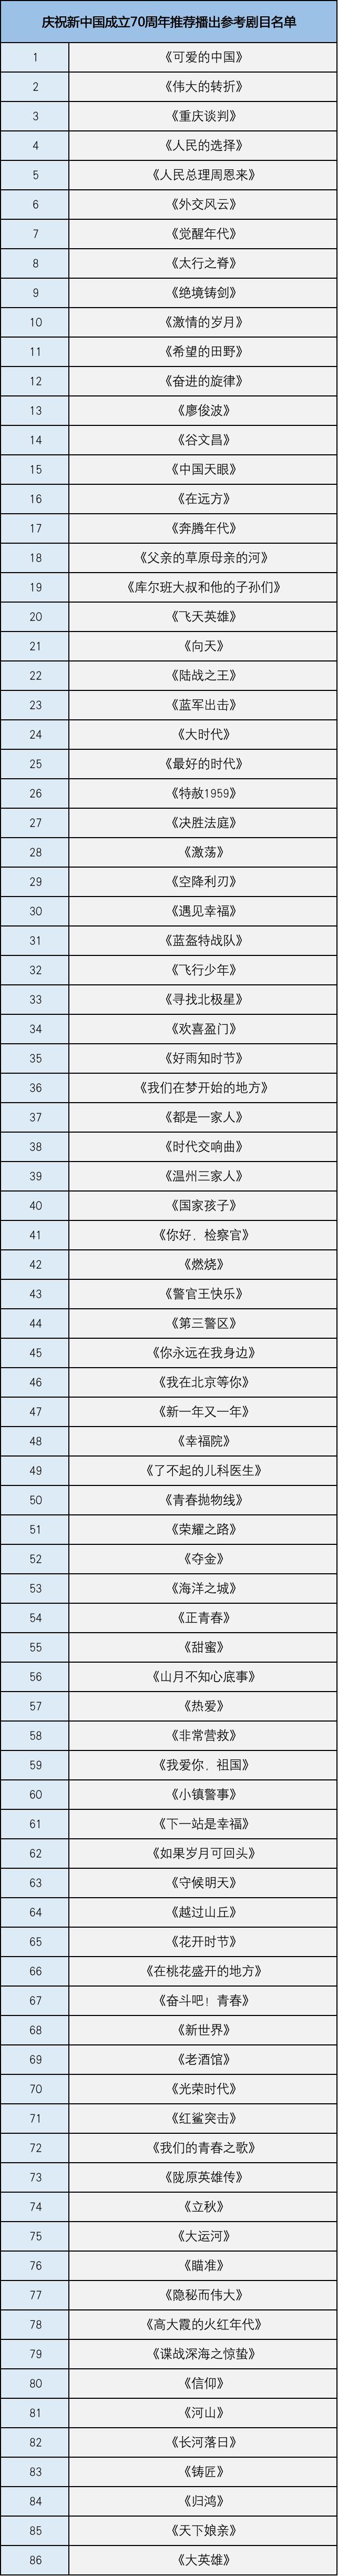 电视剧百日展播名单发布,这86部剧榜上有名